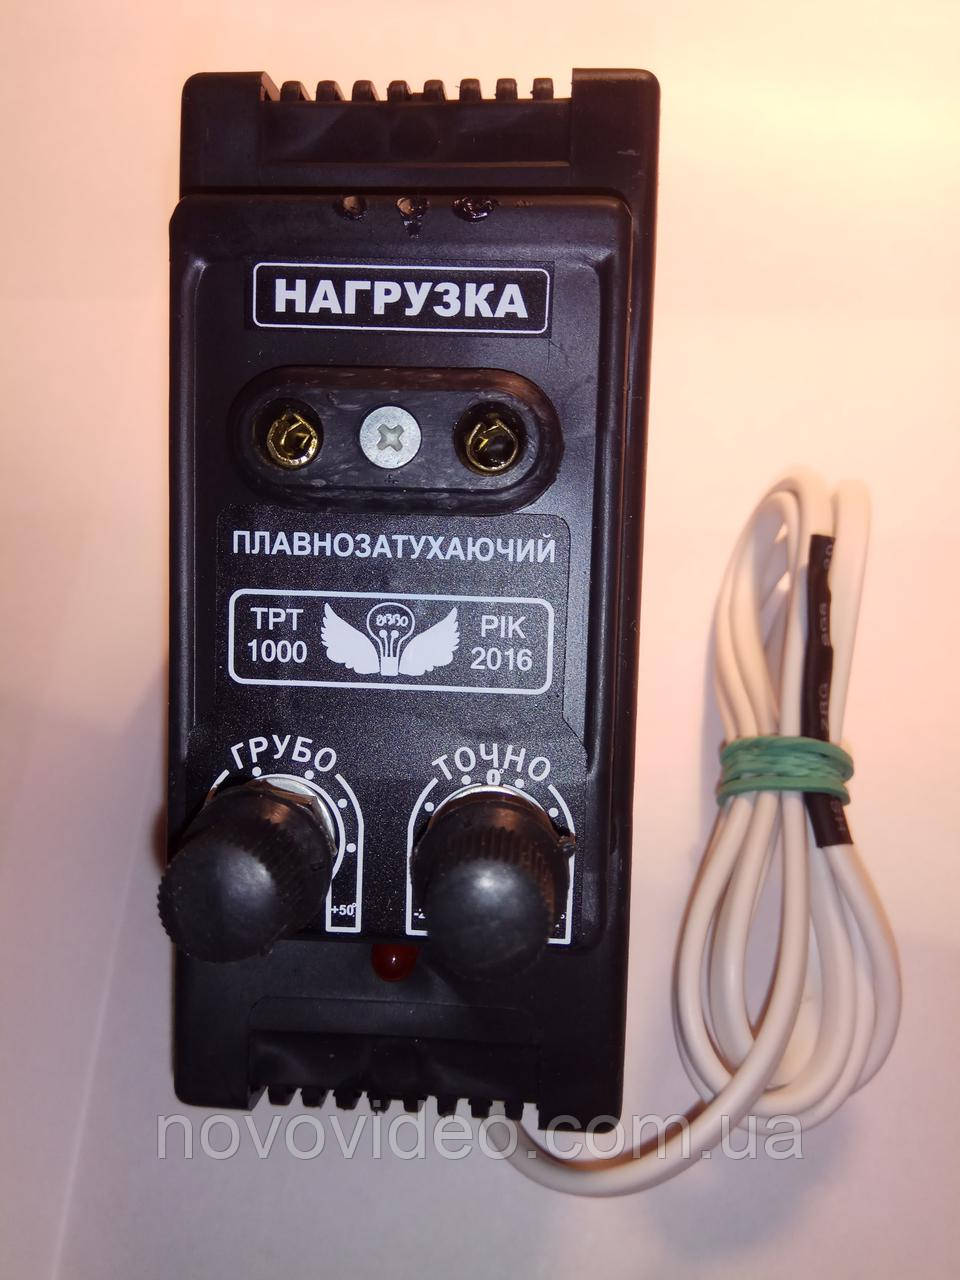 Терморегулятор бесконтактный ТРТ-1000 для инкубатора